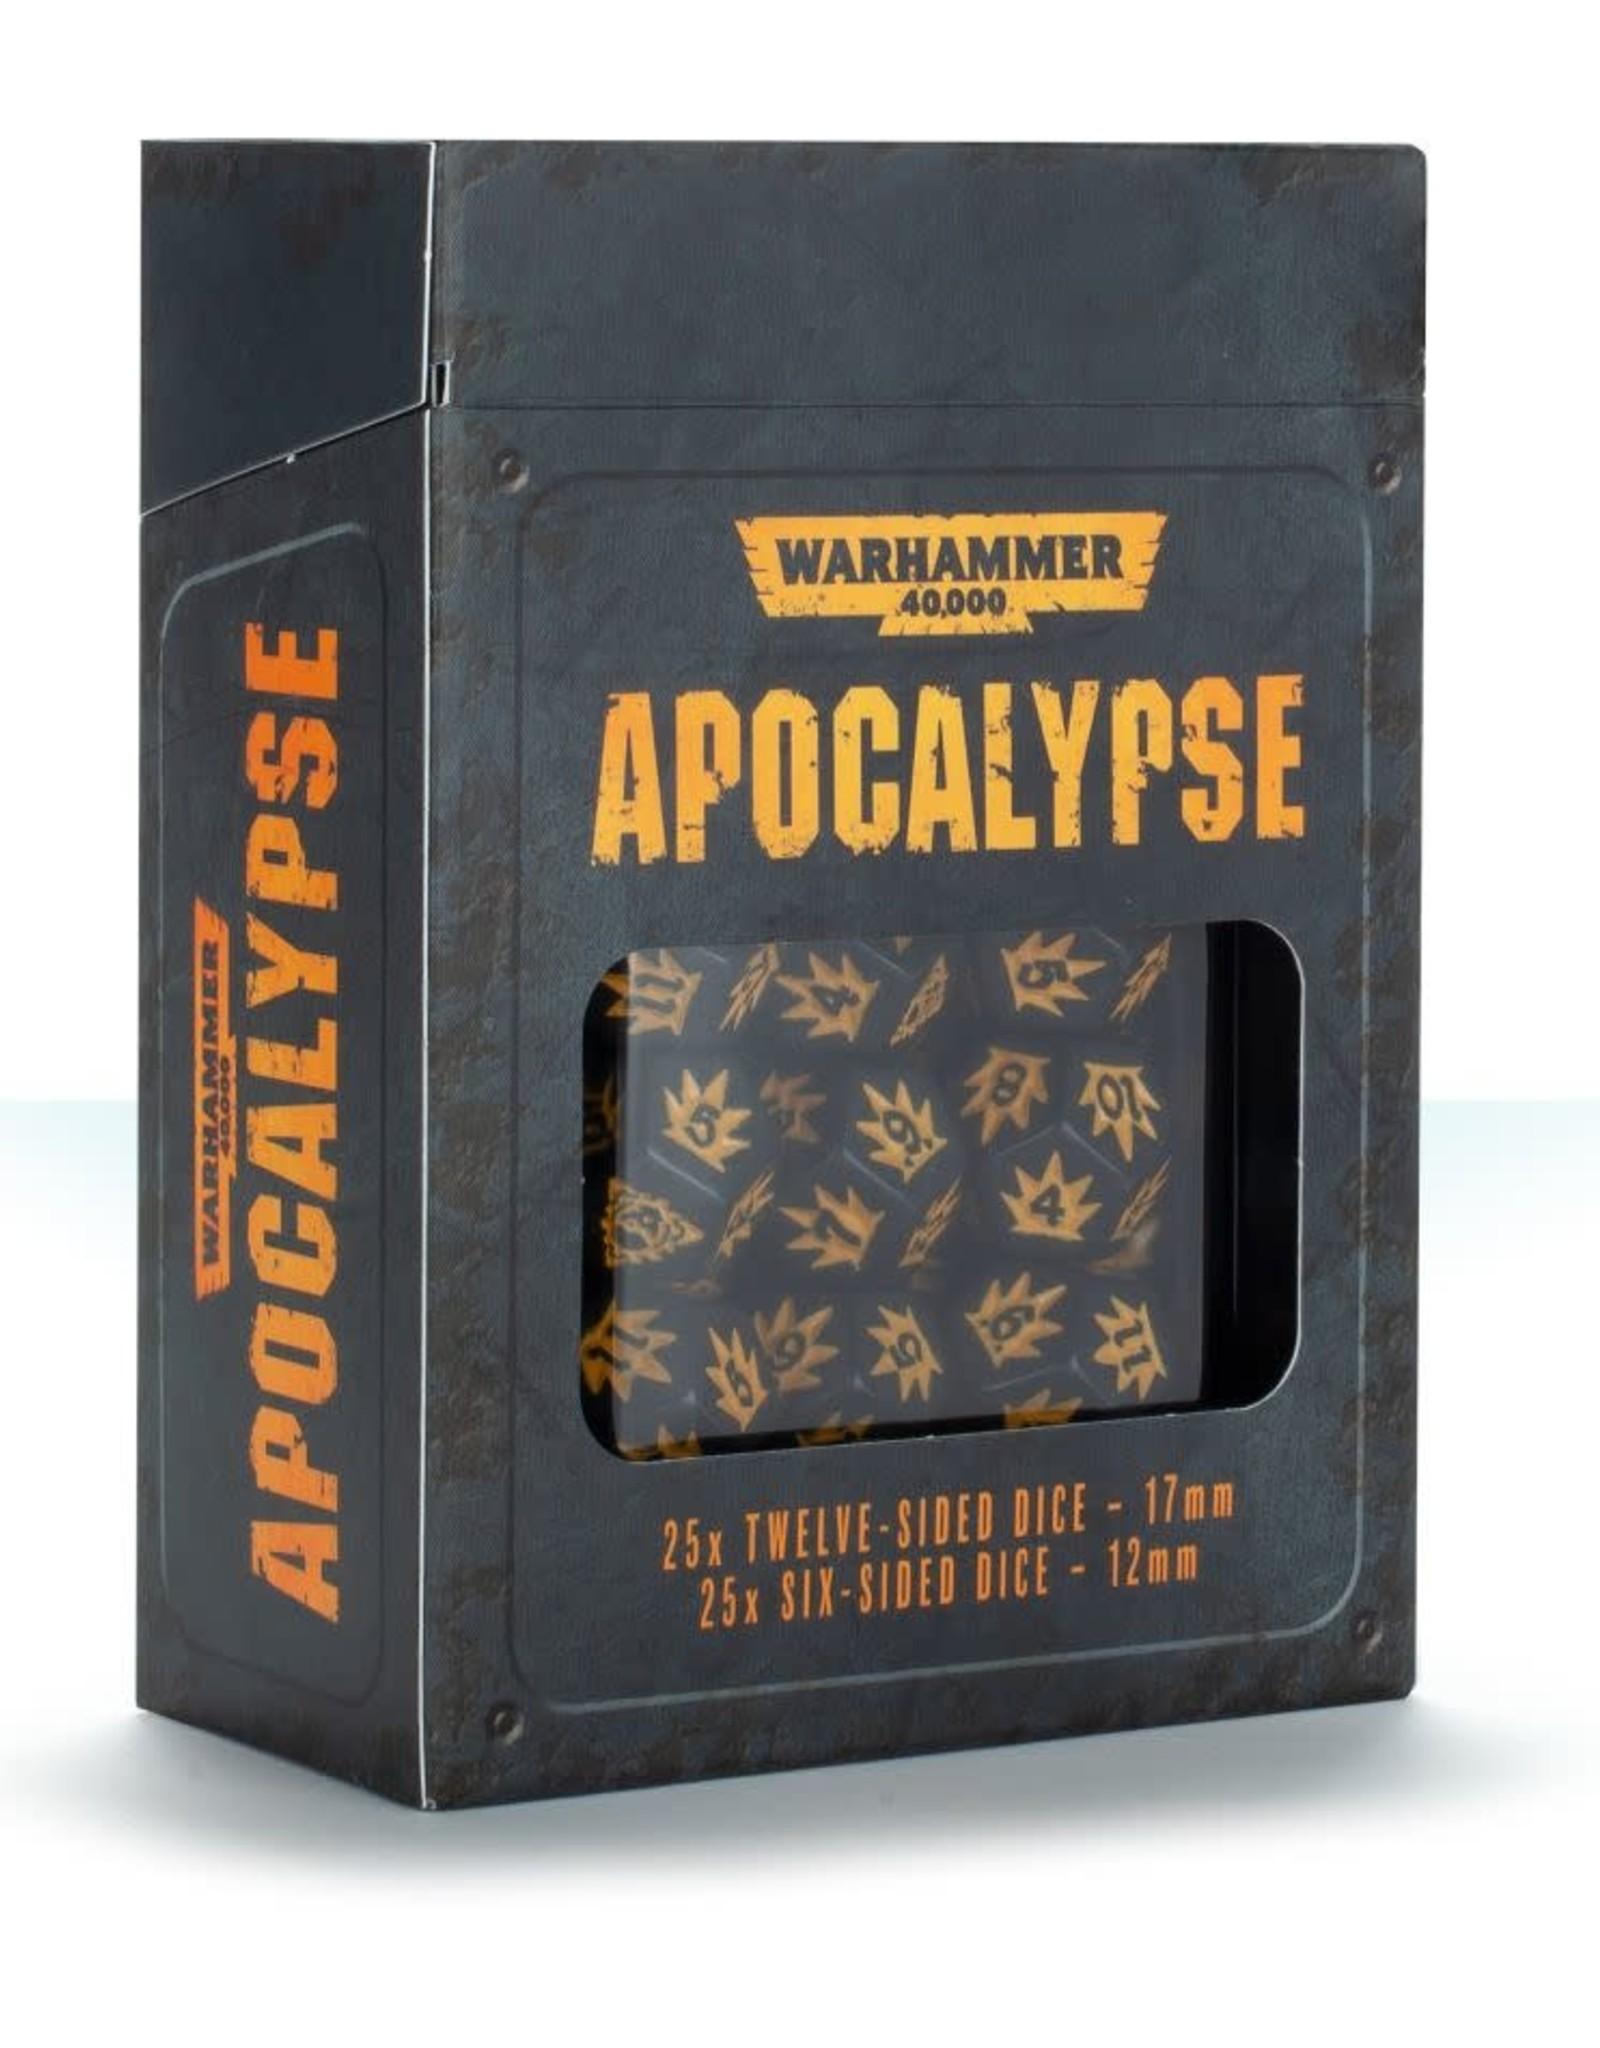 Warhammer 40K Warhammer 40K: Apocalypse Dice